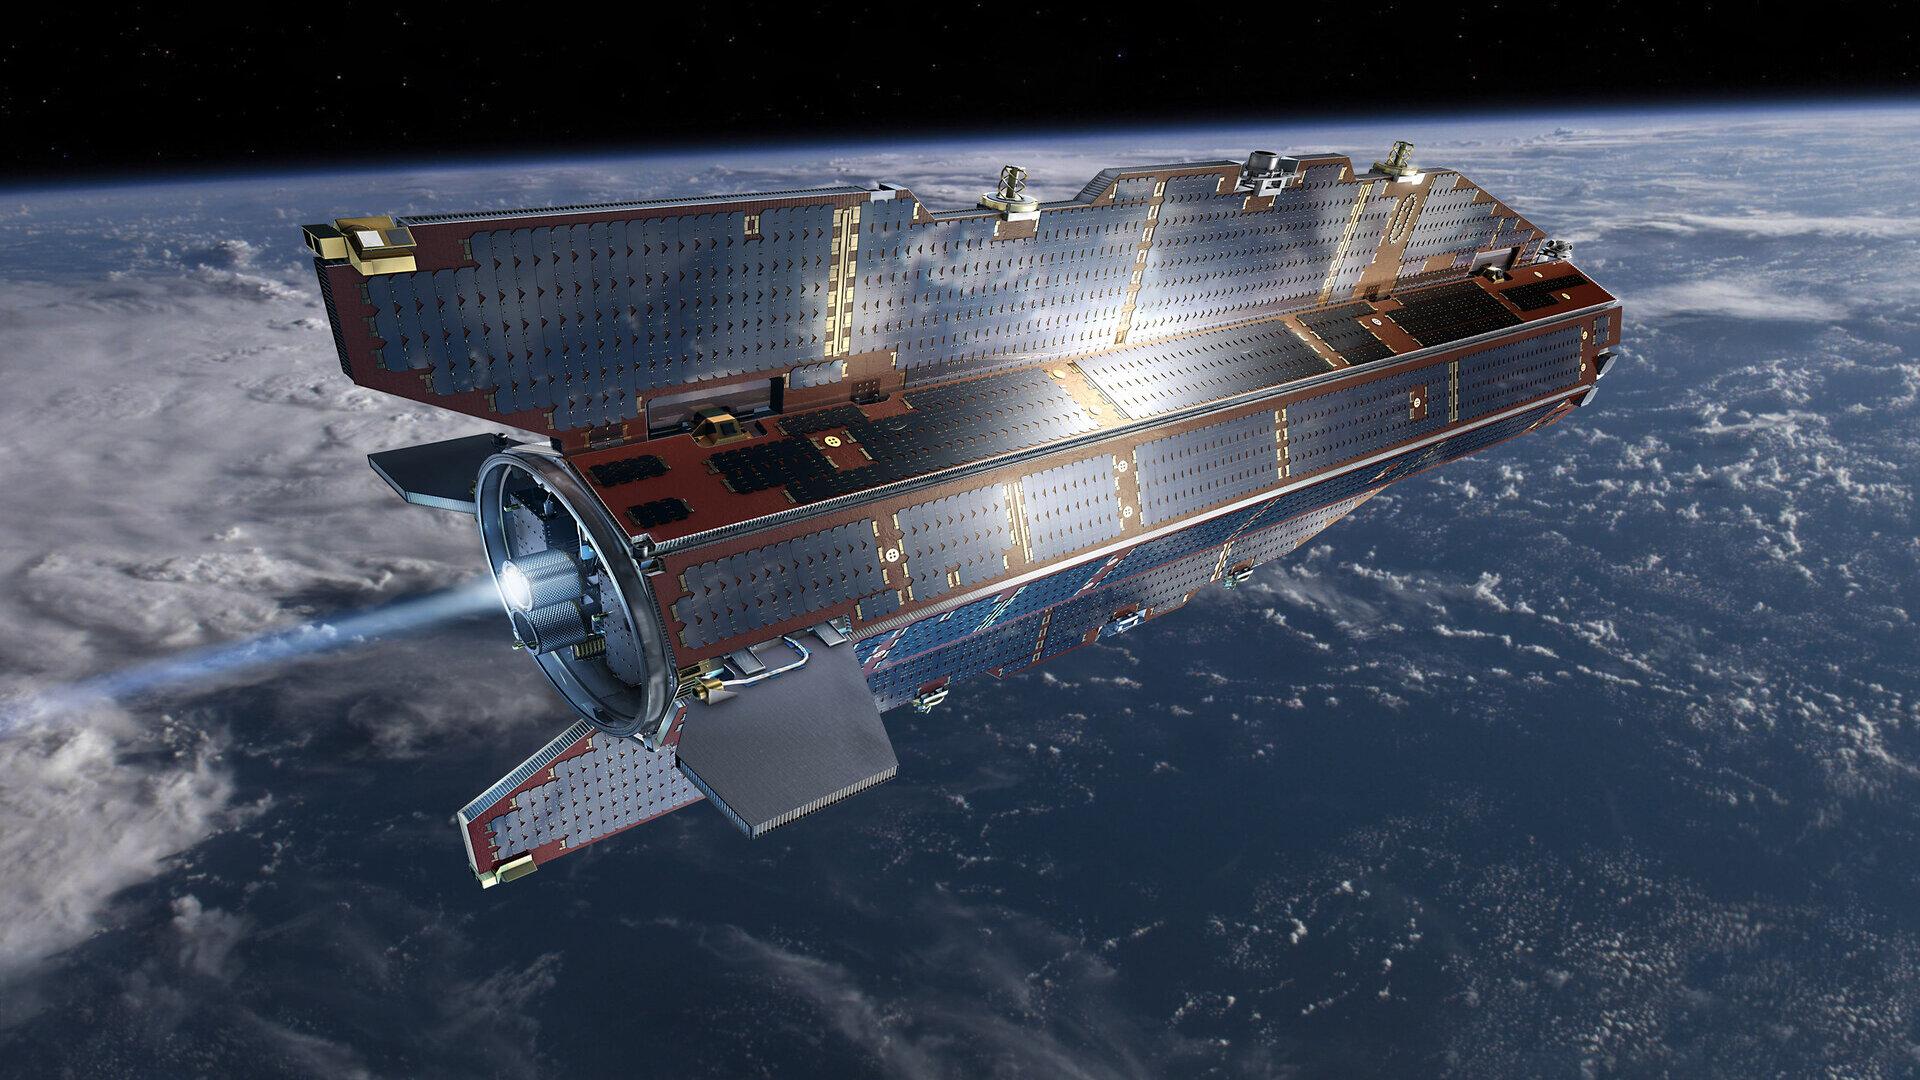 ASI - Workshop di consultazione della comunità scientifico/applicativa sulla missione ESA NGGM/MAGIC – la sintesi